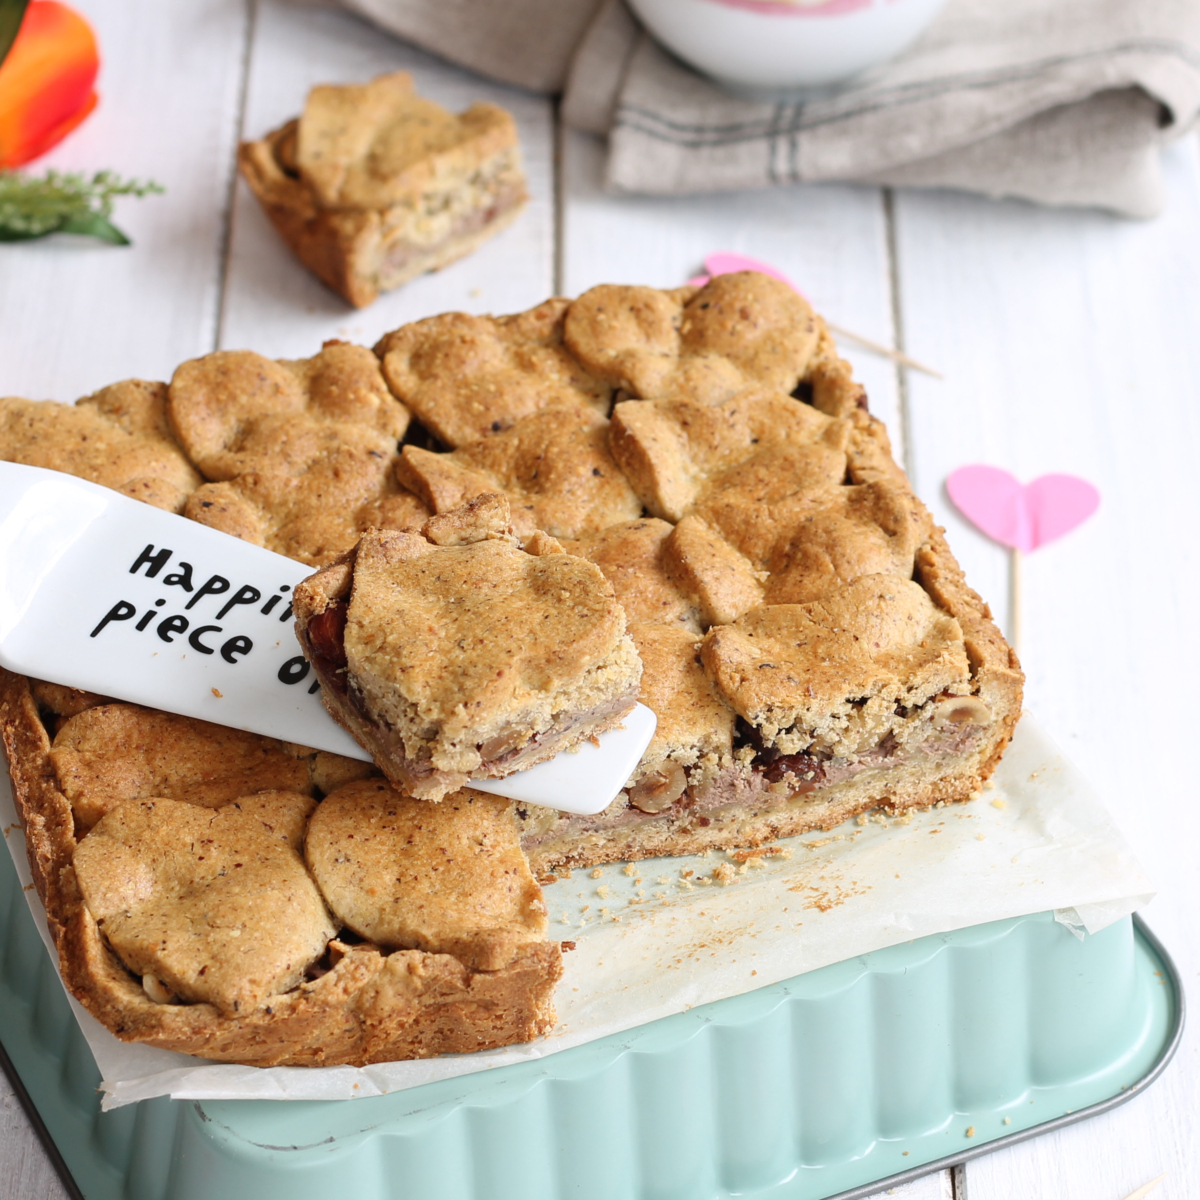 CROSTATA RICOTTA MELE NOCCIOLE ricetta dolce per San Valentino